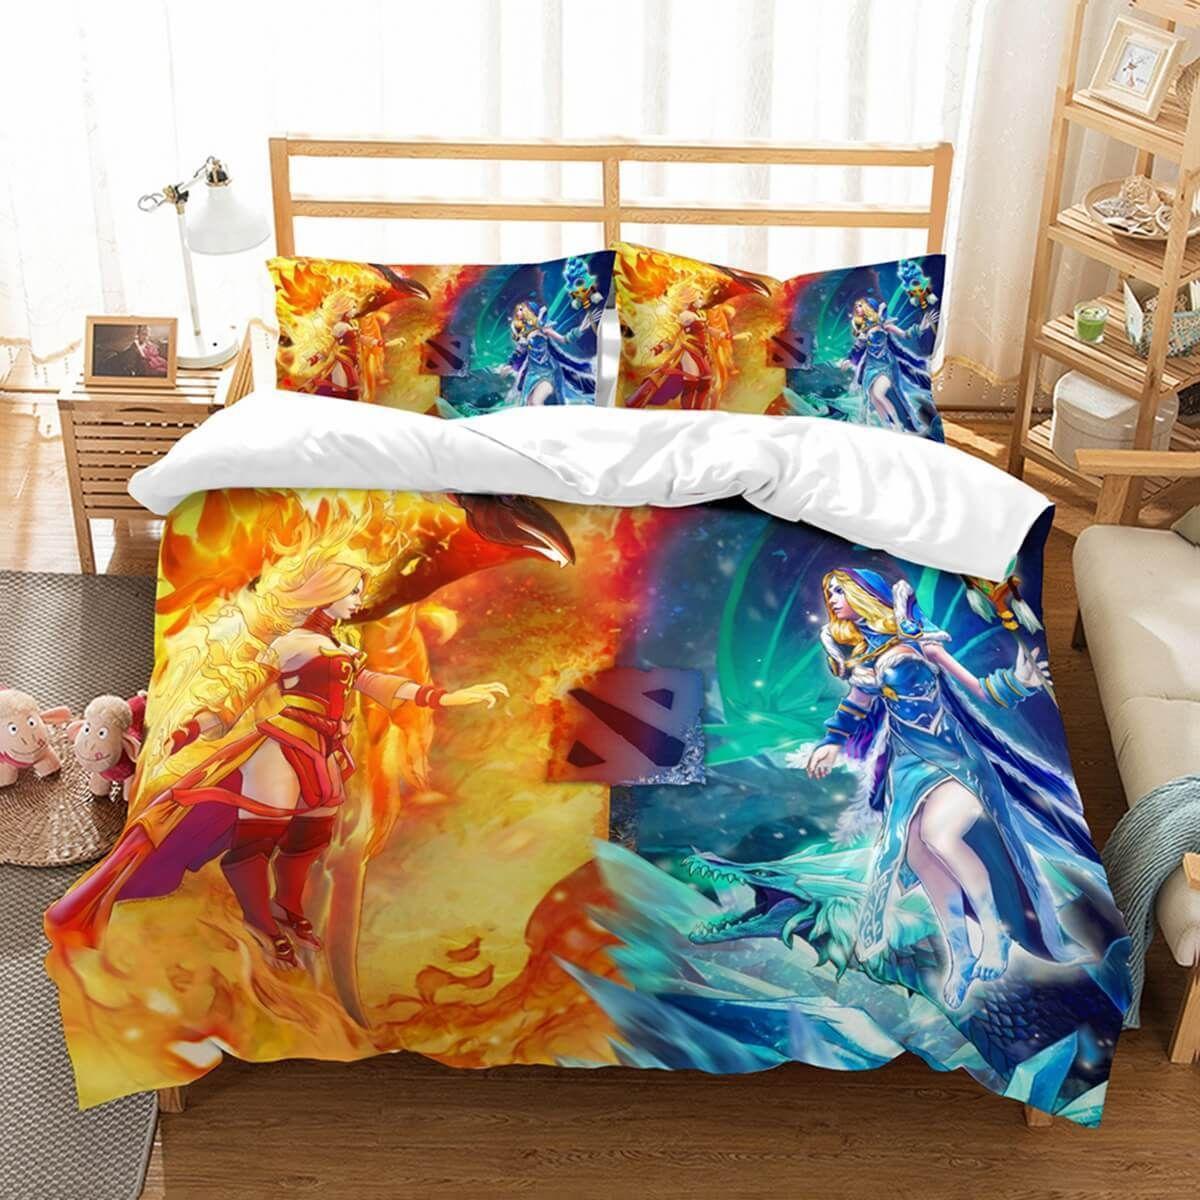 1 3d Personalized Customized Bedding Sets Duvet Cover Bedroom Sets Bedset Bedlinen In 2021 Duvet Bedding Sets Bed Linens Luxury Bedding Sets